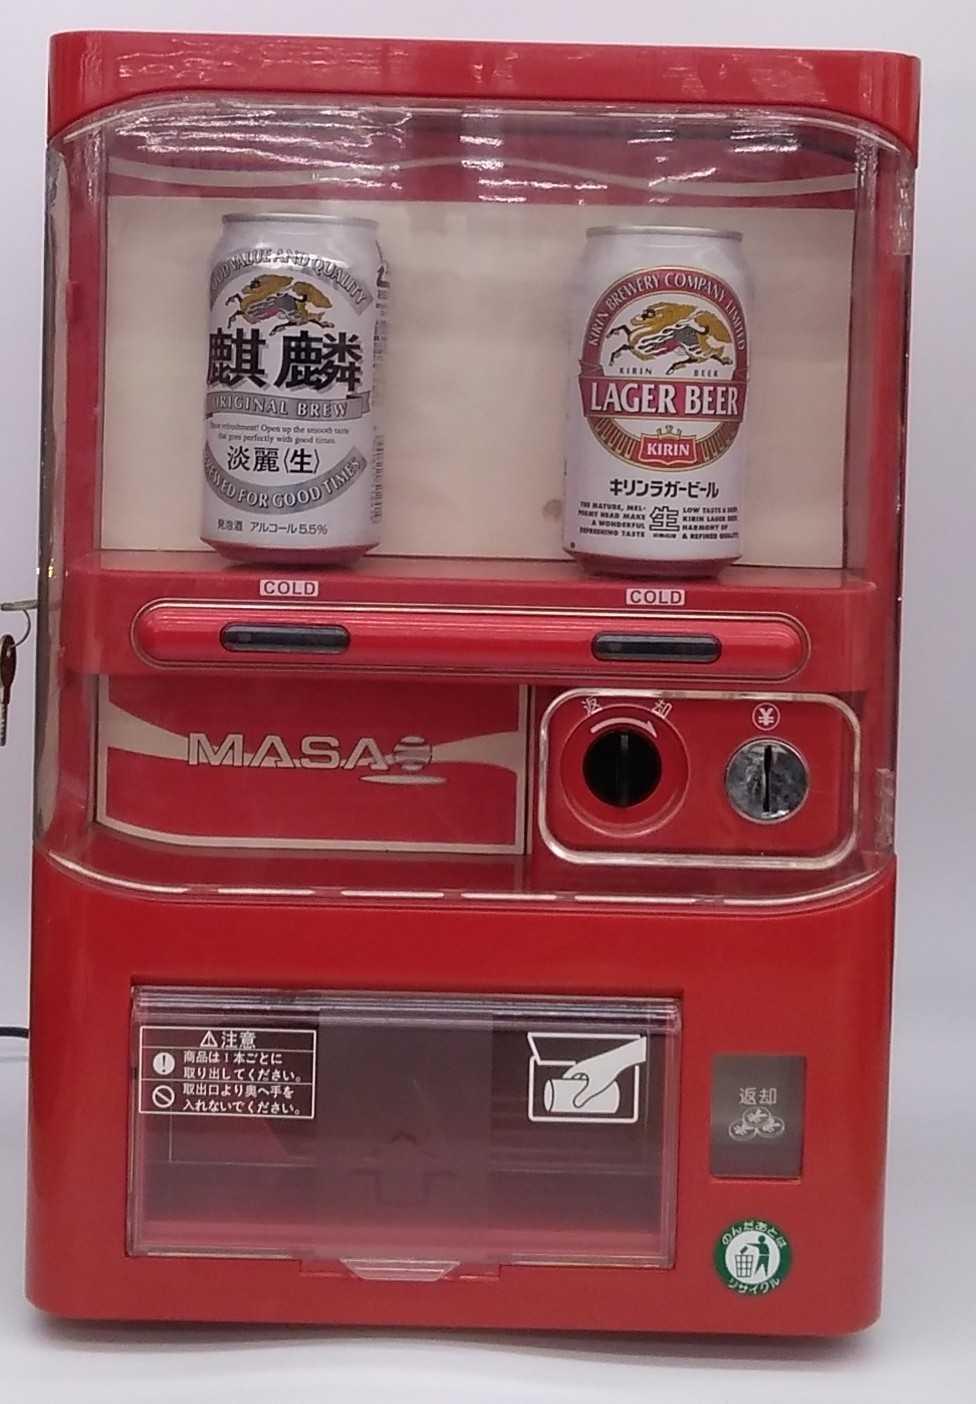 自動販売機型保冷庫|マサオコーポレーション